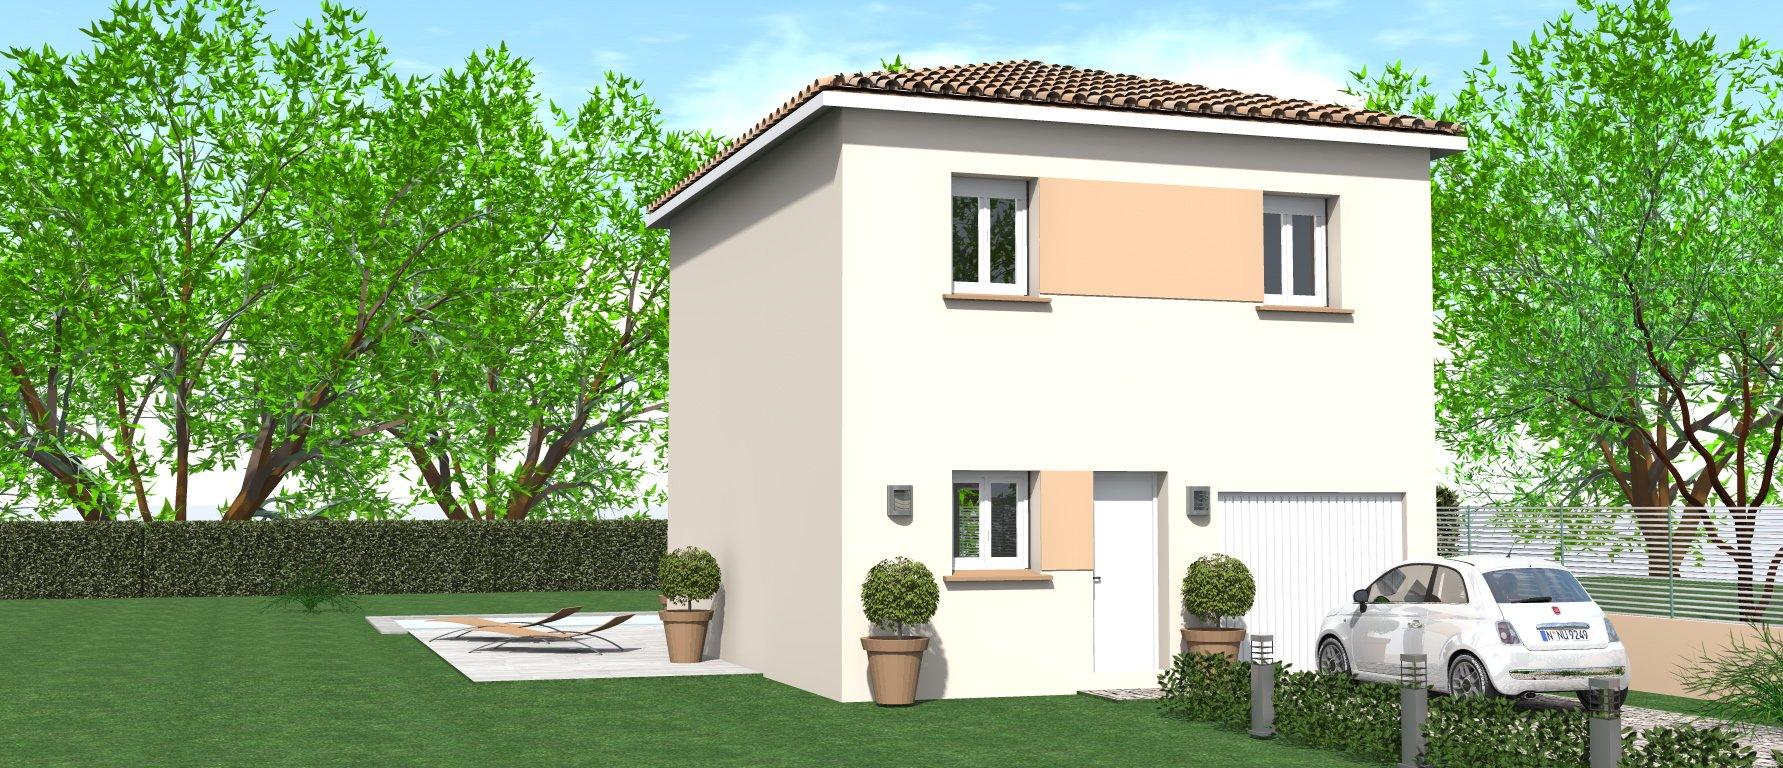 Maisons du constructeur HOME GROUP CONSEILS • 80 m² • VIENNE